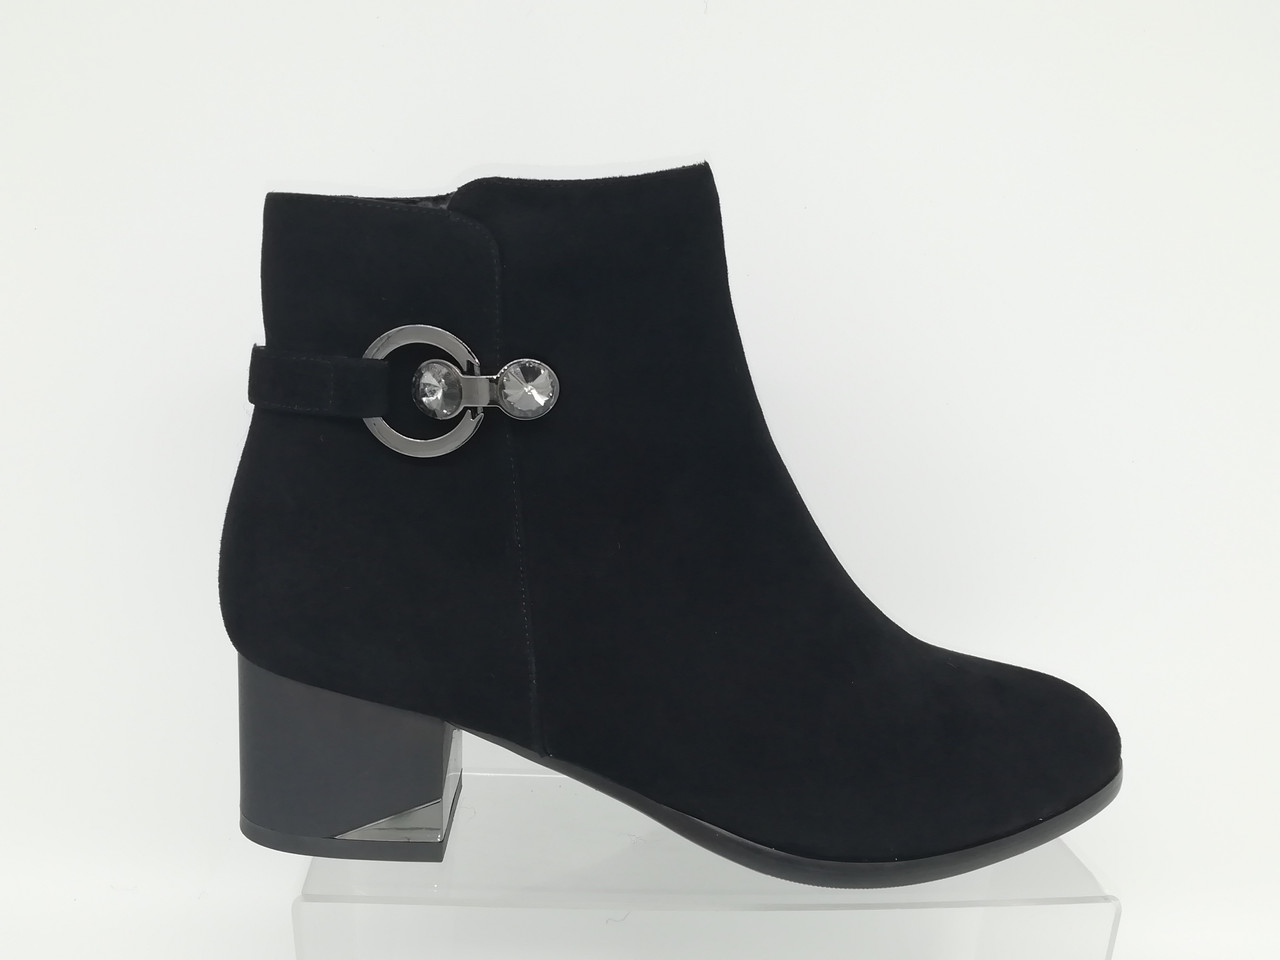 Черные замшевые ботиночки. Ботильоны. Большие размеры ( 41 - 43).